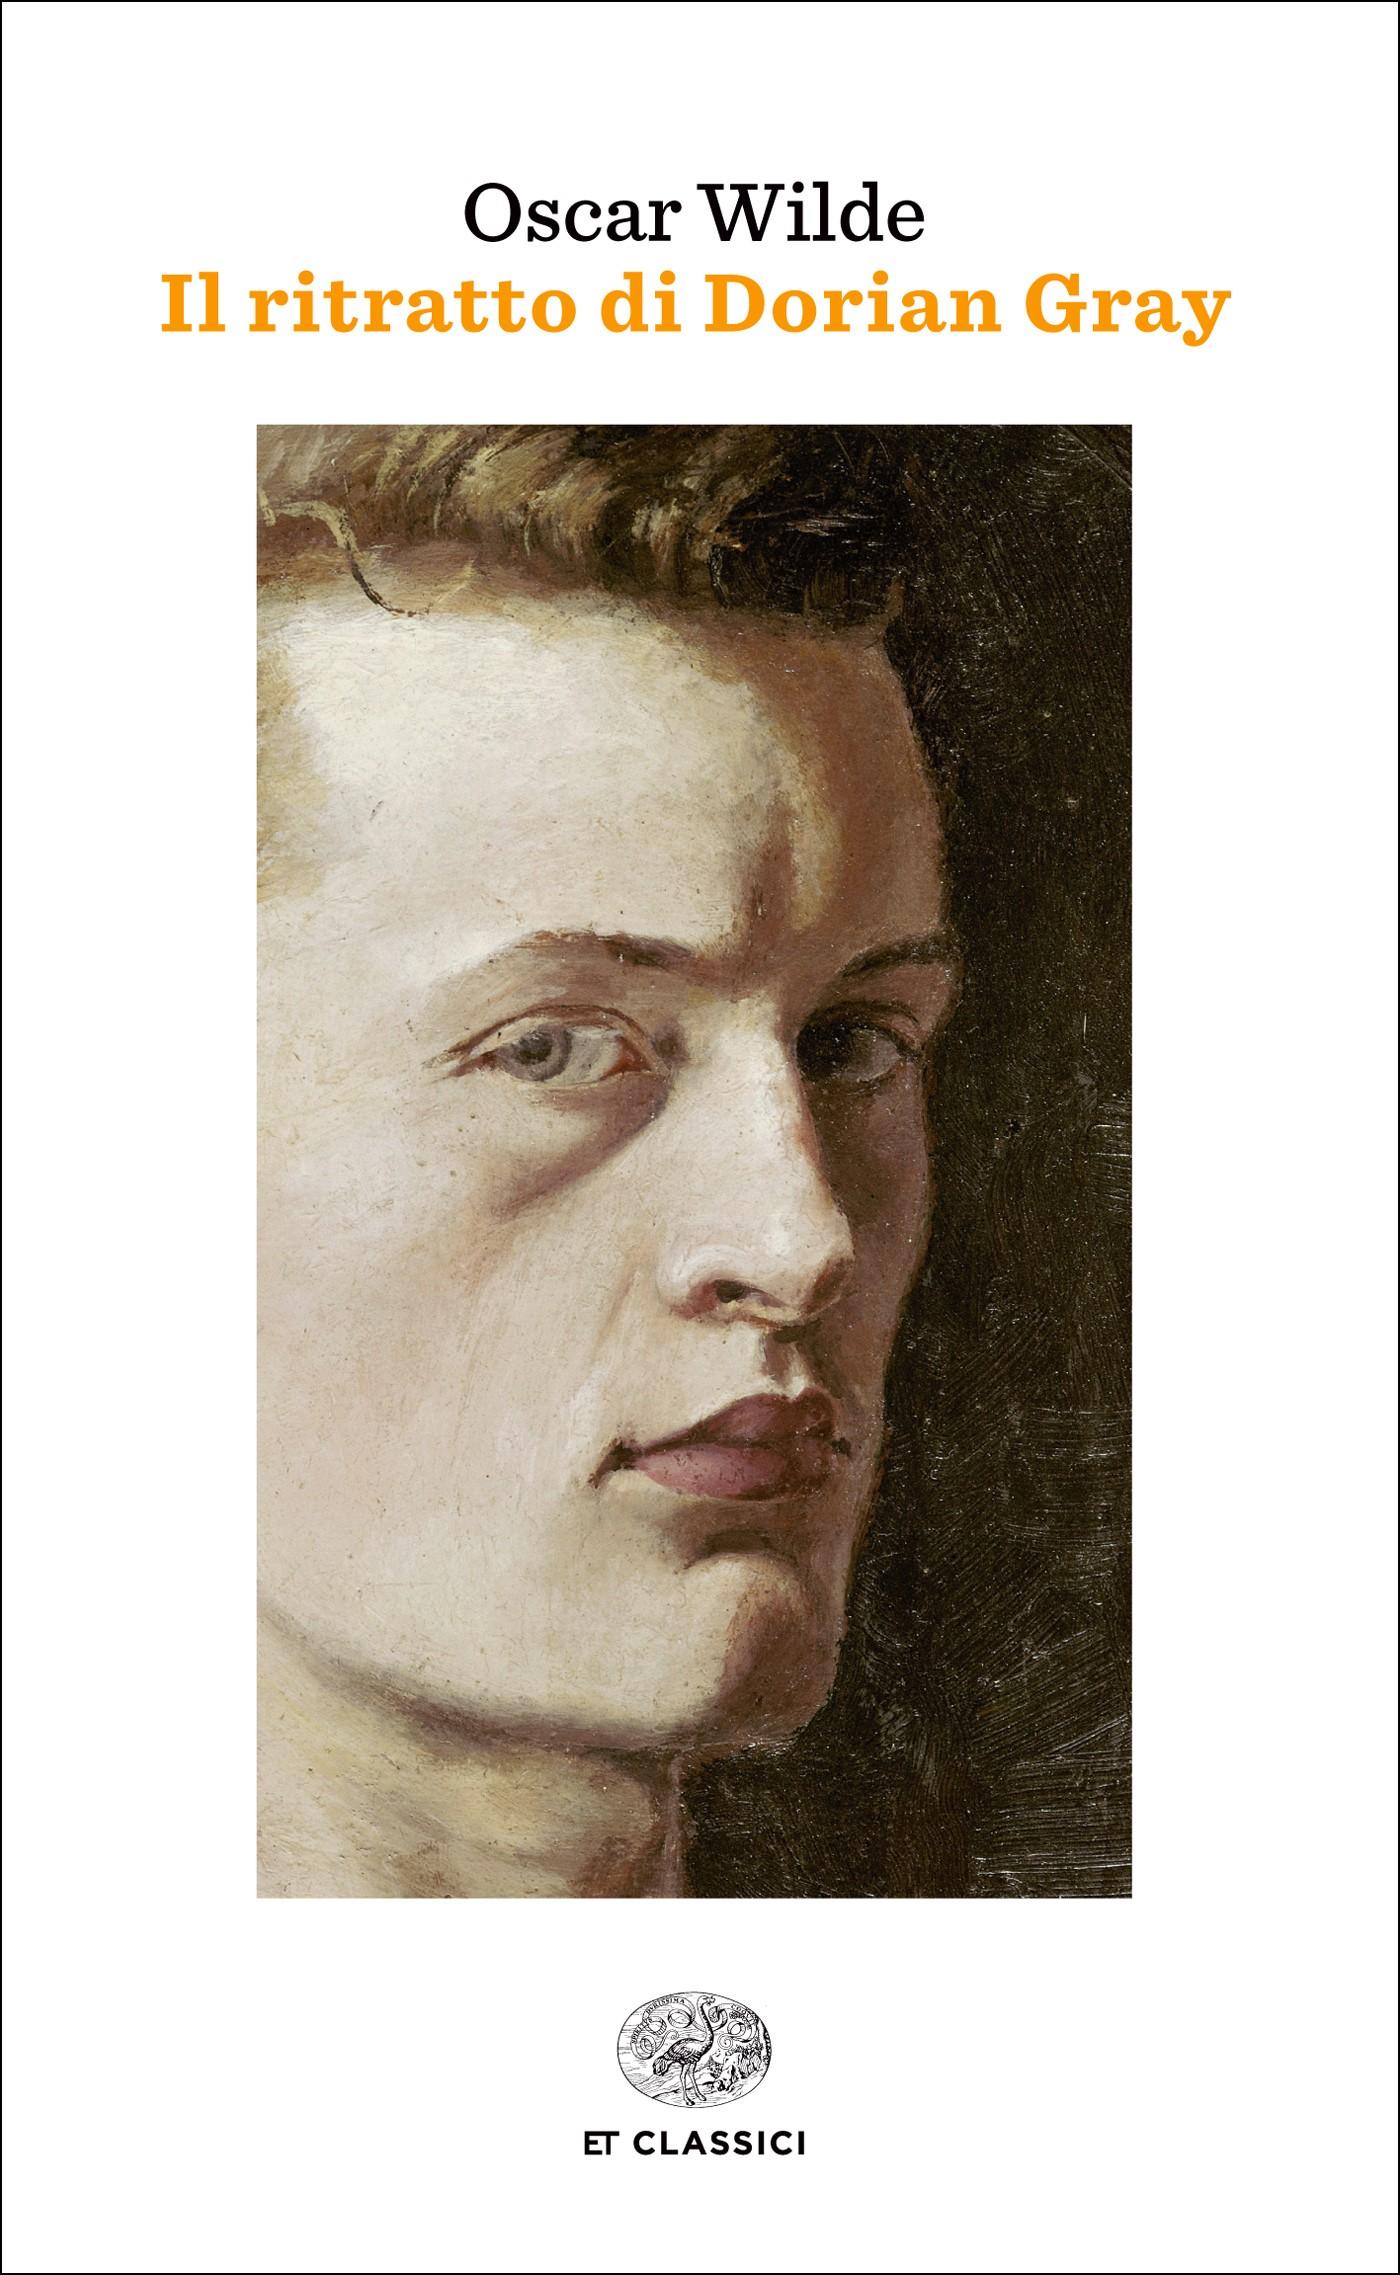 Il Ritratto Di Dorian Gray Einaudi Oscar Wilde Ebook